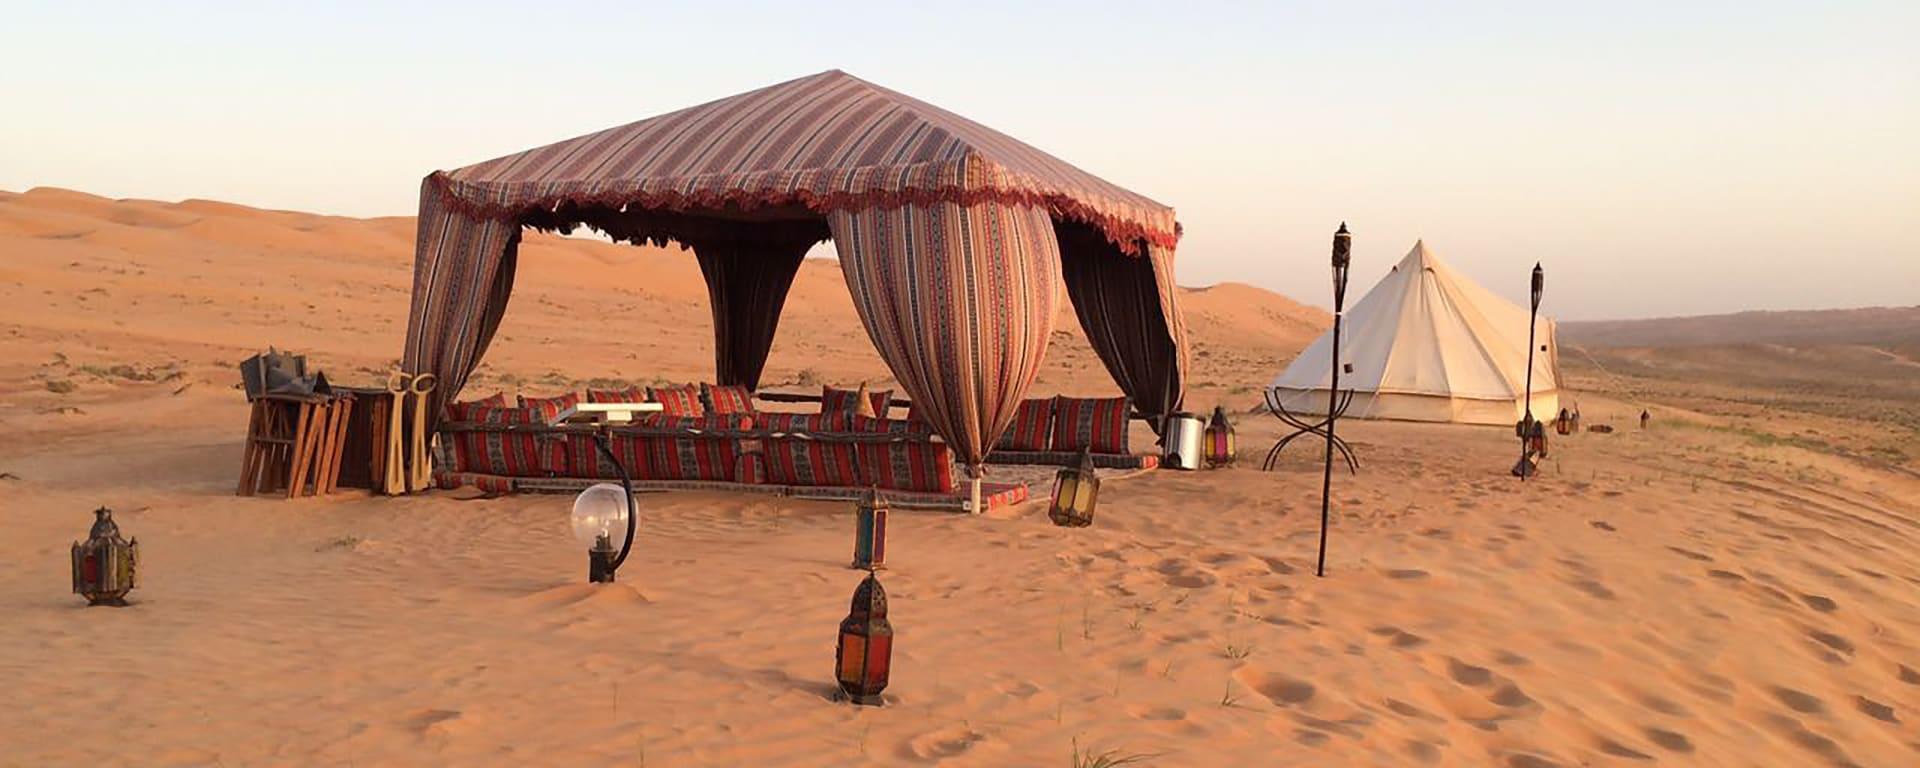 Canvas Club in Wüste: Oman Canvas Club